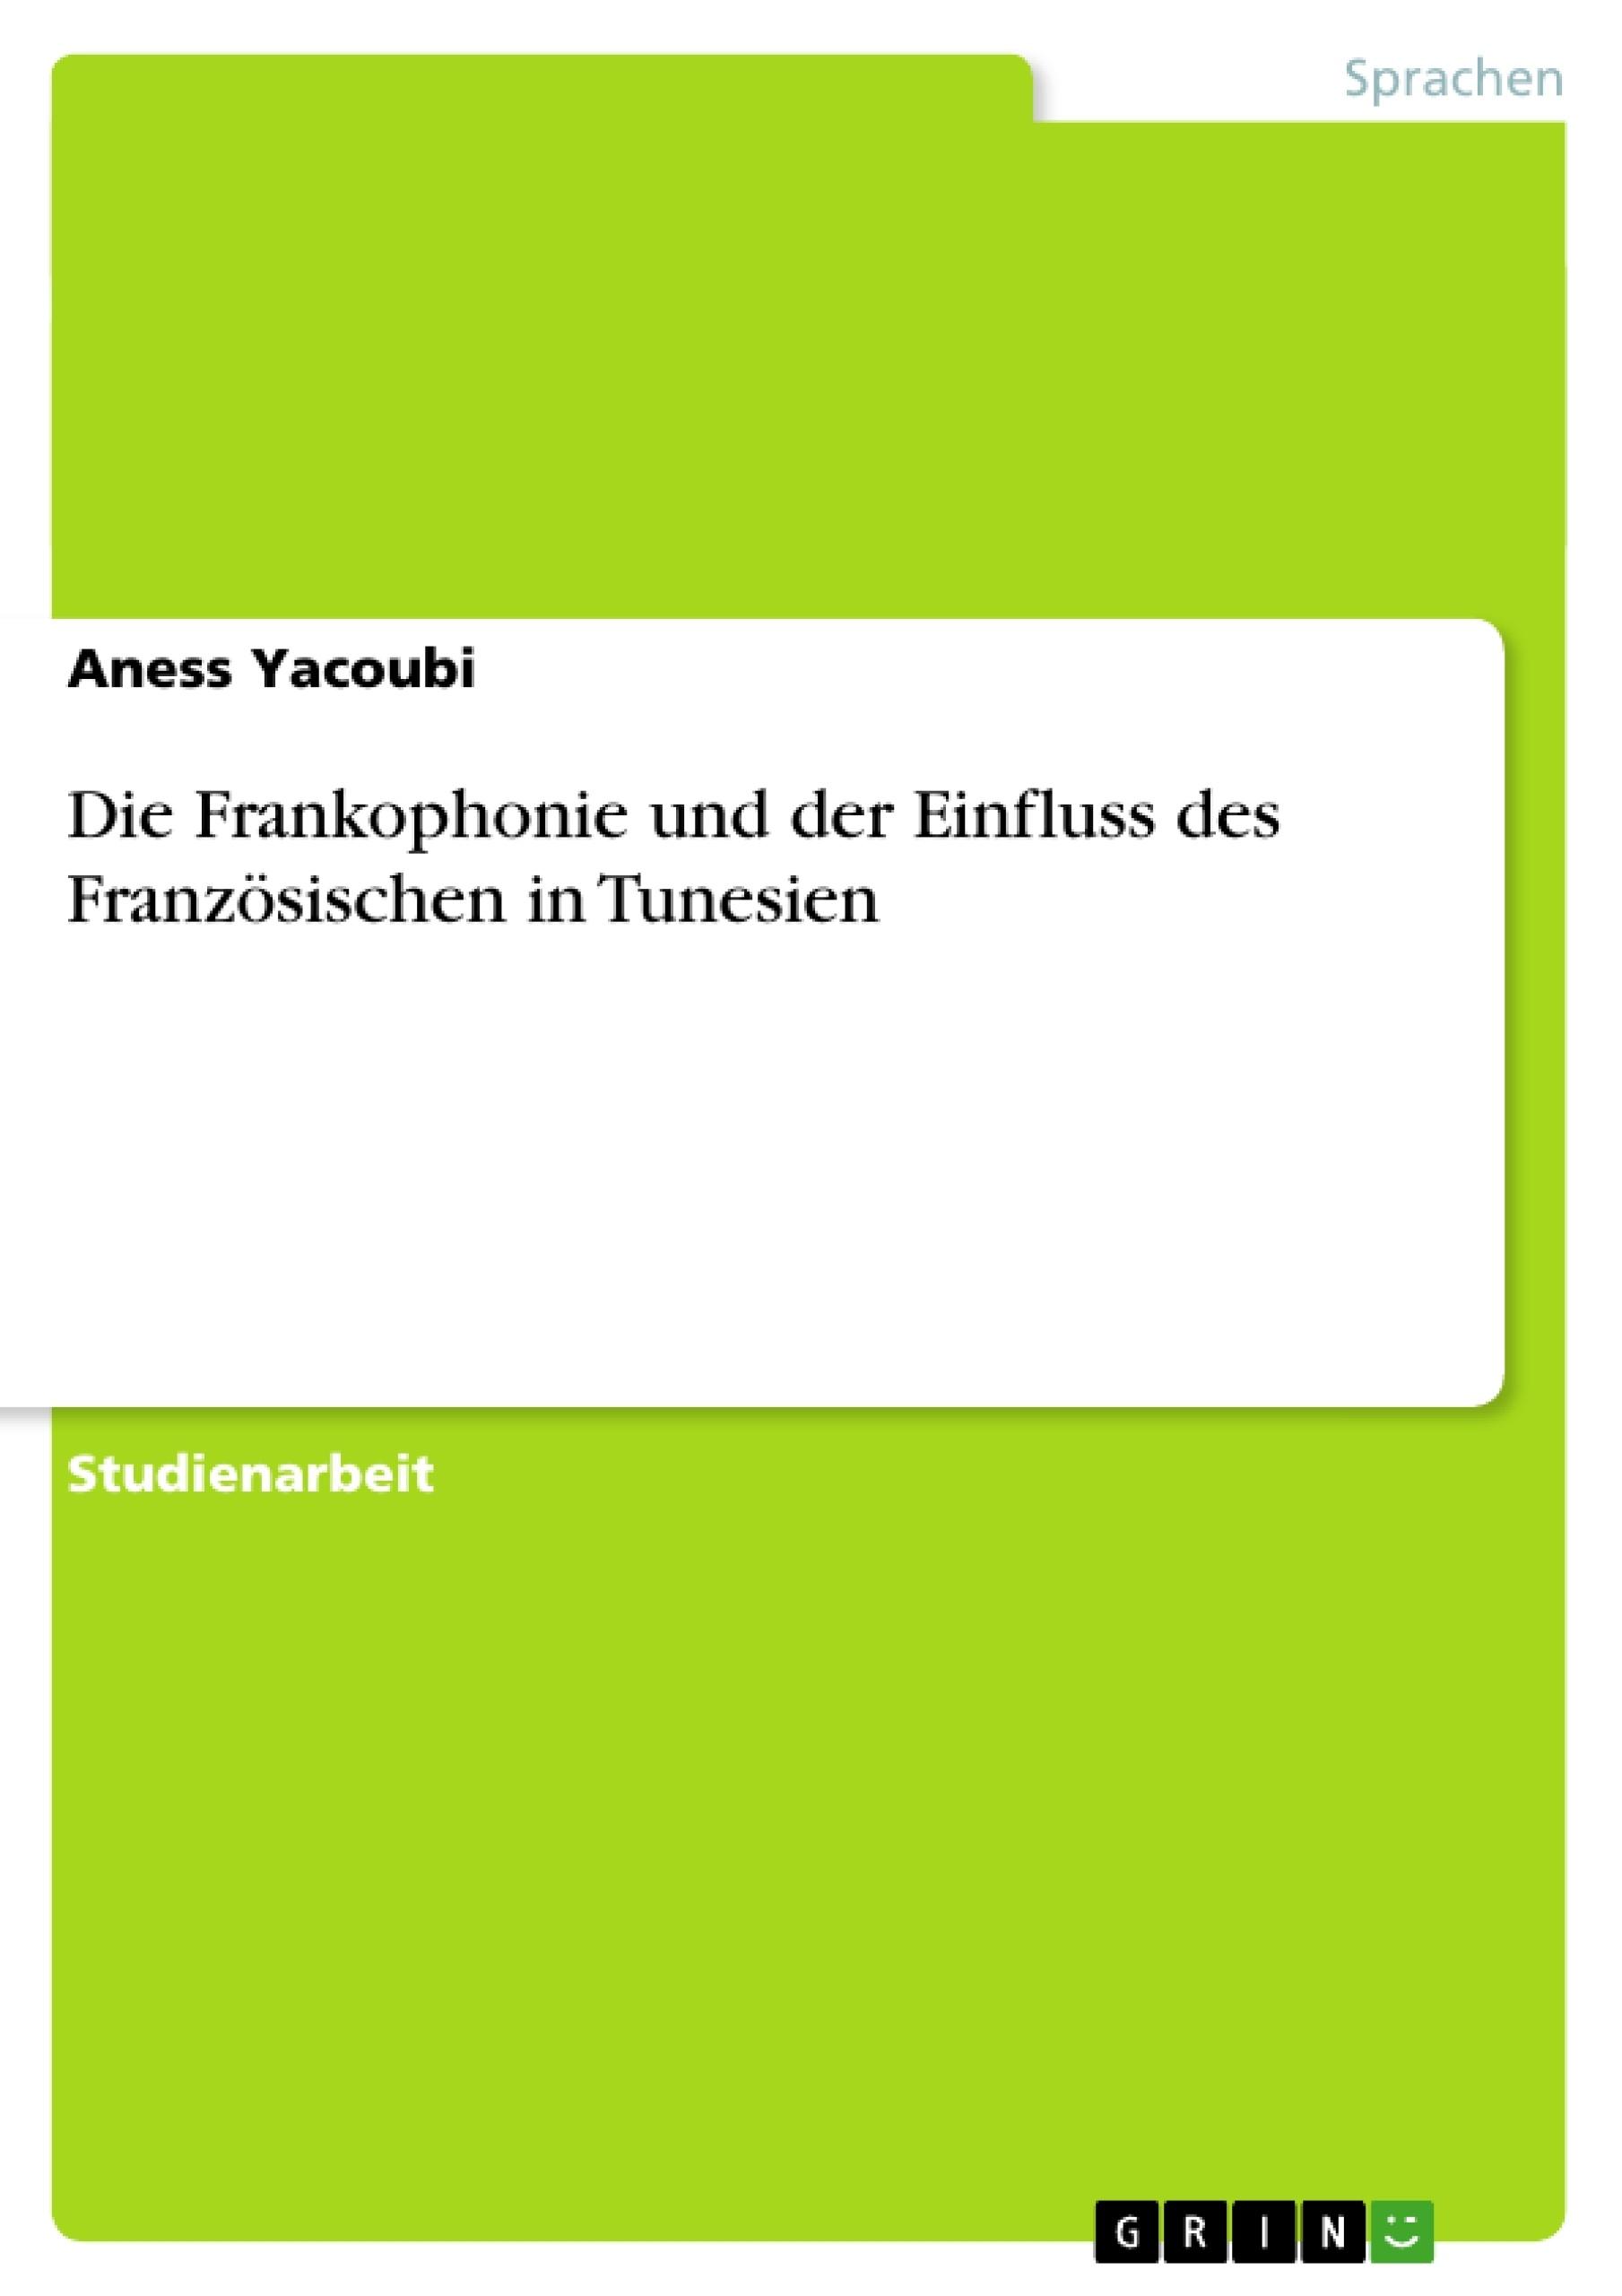 Titel: Die Frankophonie und der Einfluss des Französischen in Tunesien